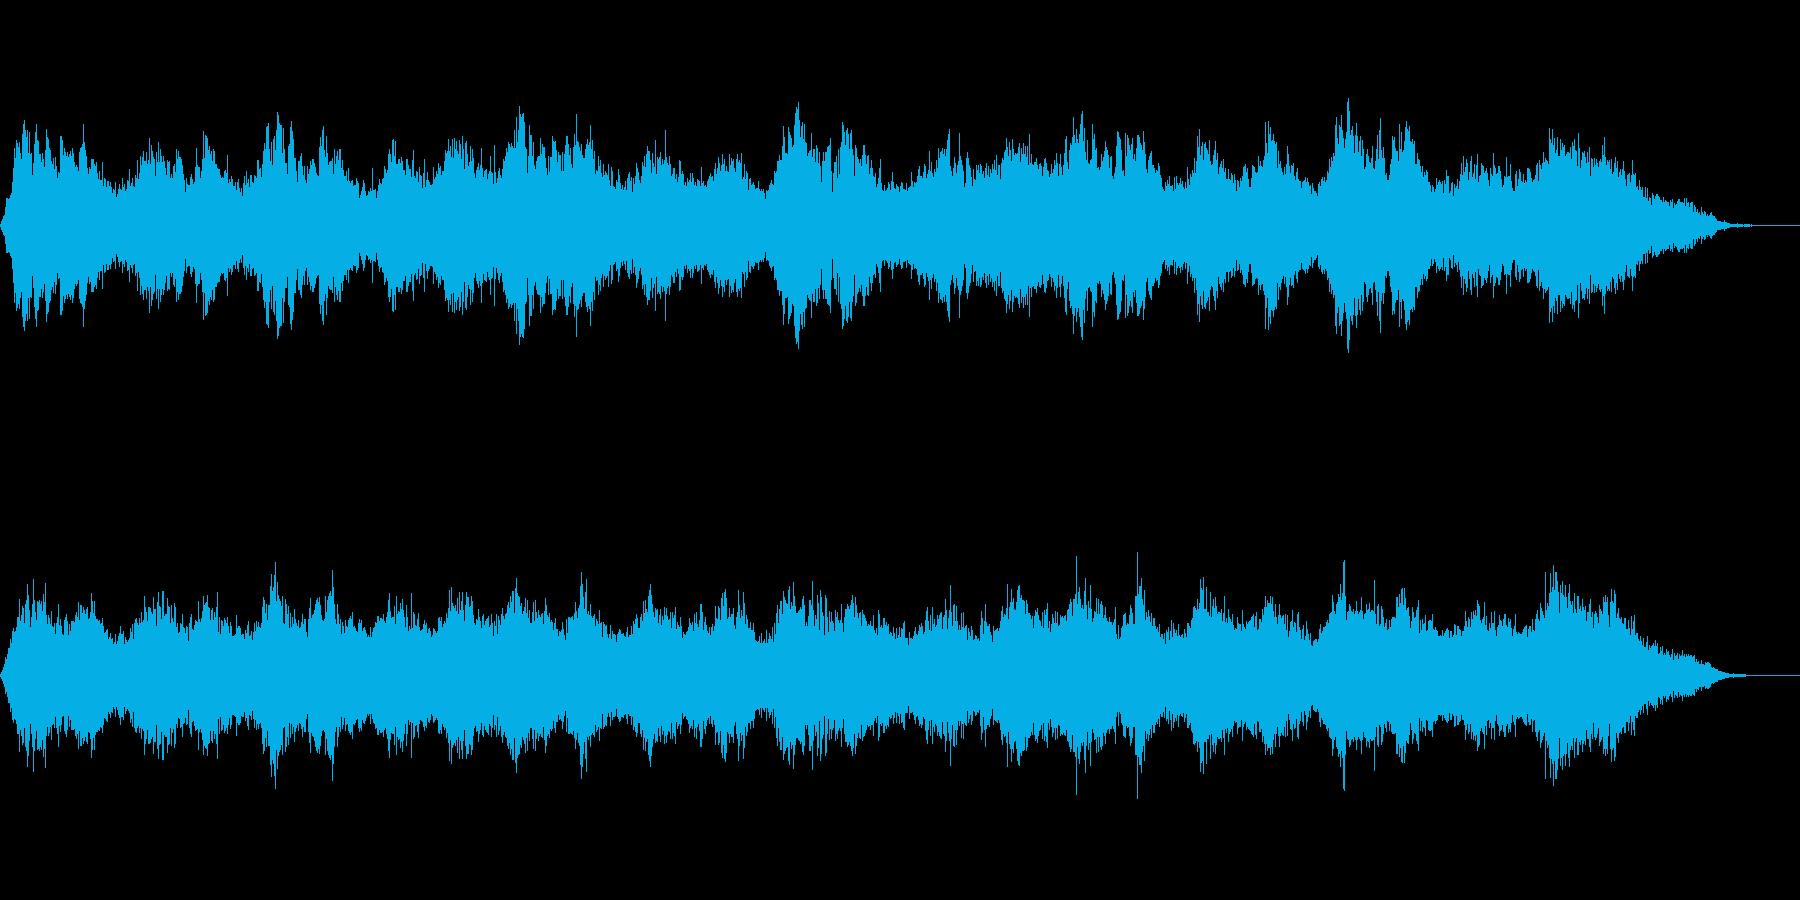 背景音 ホラー 12の再生済みの波形